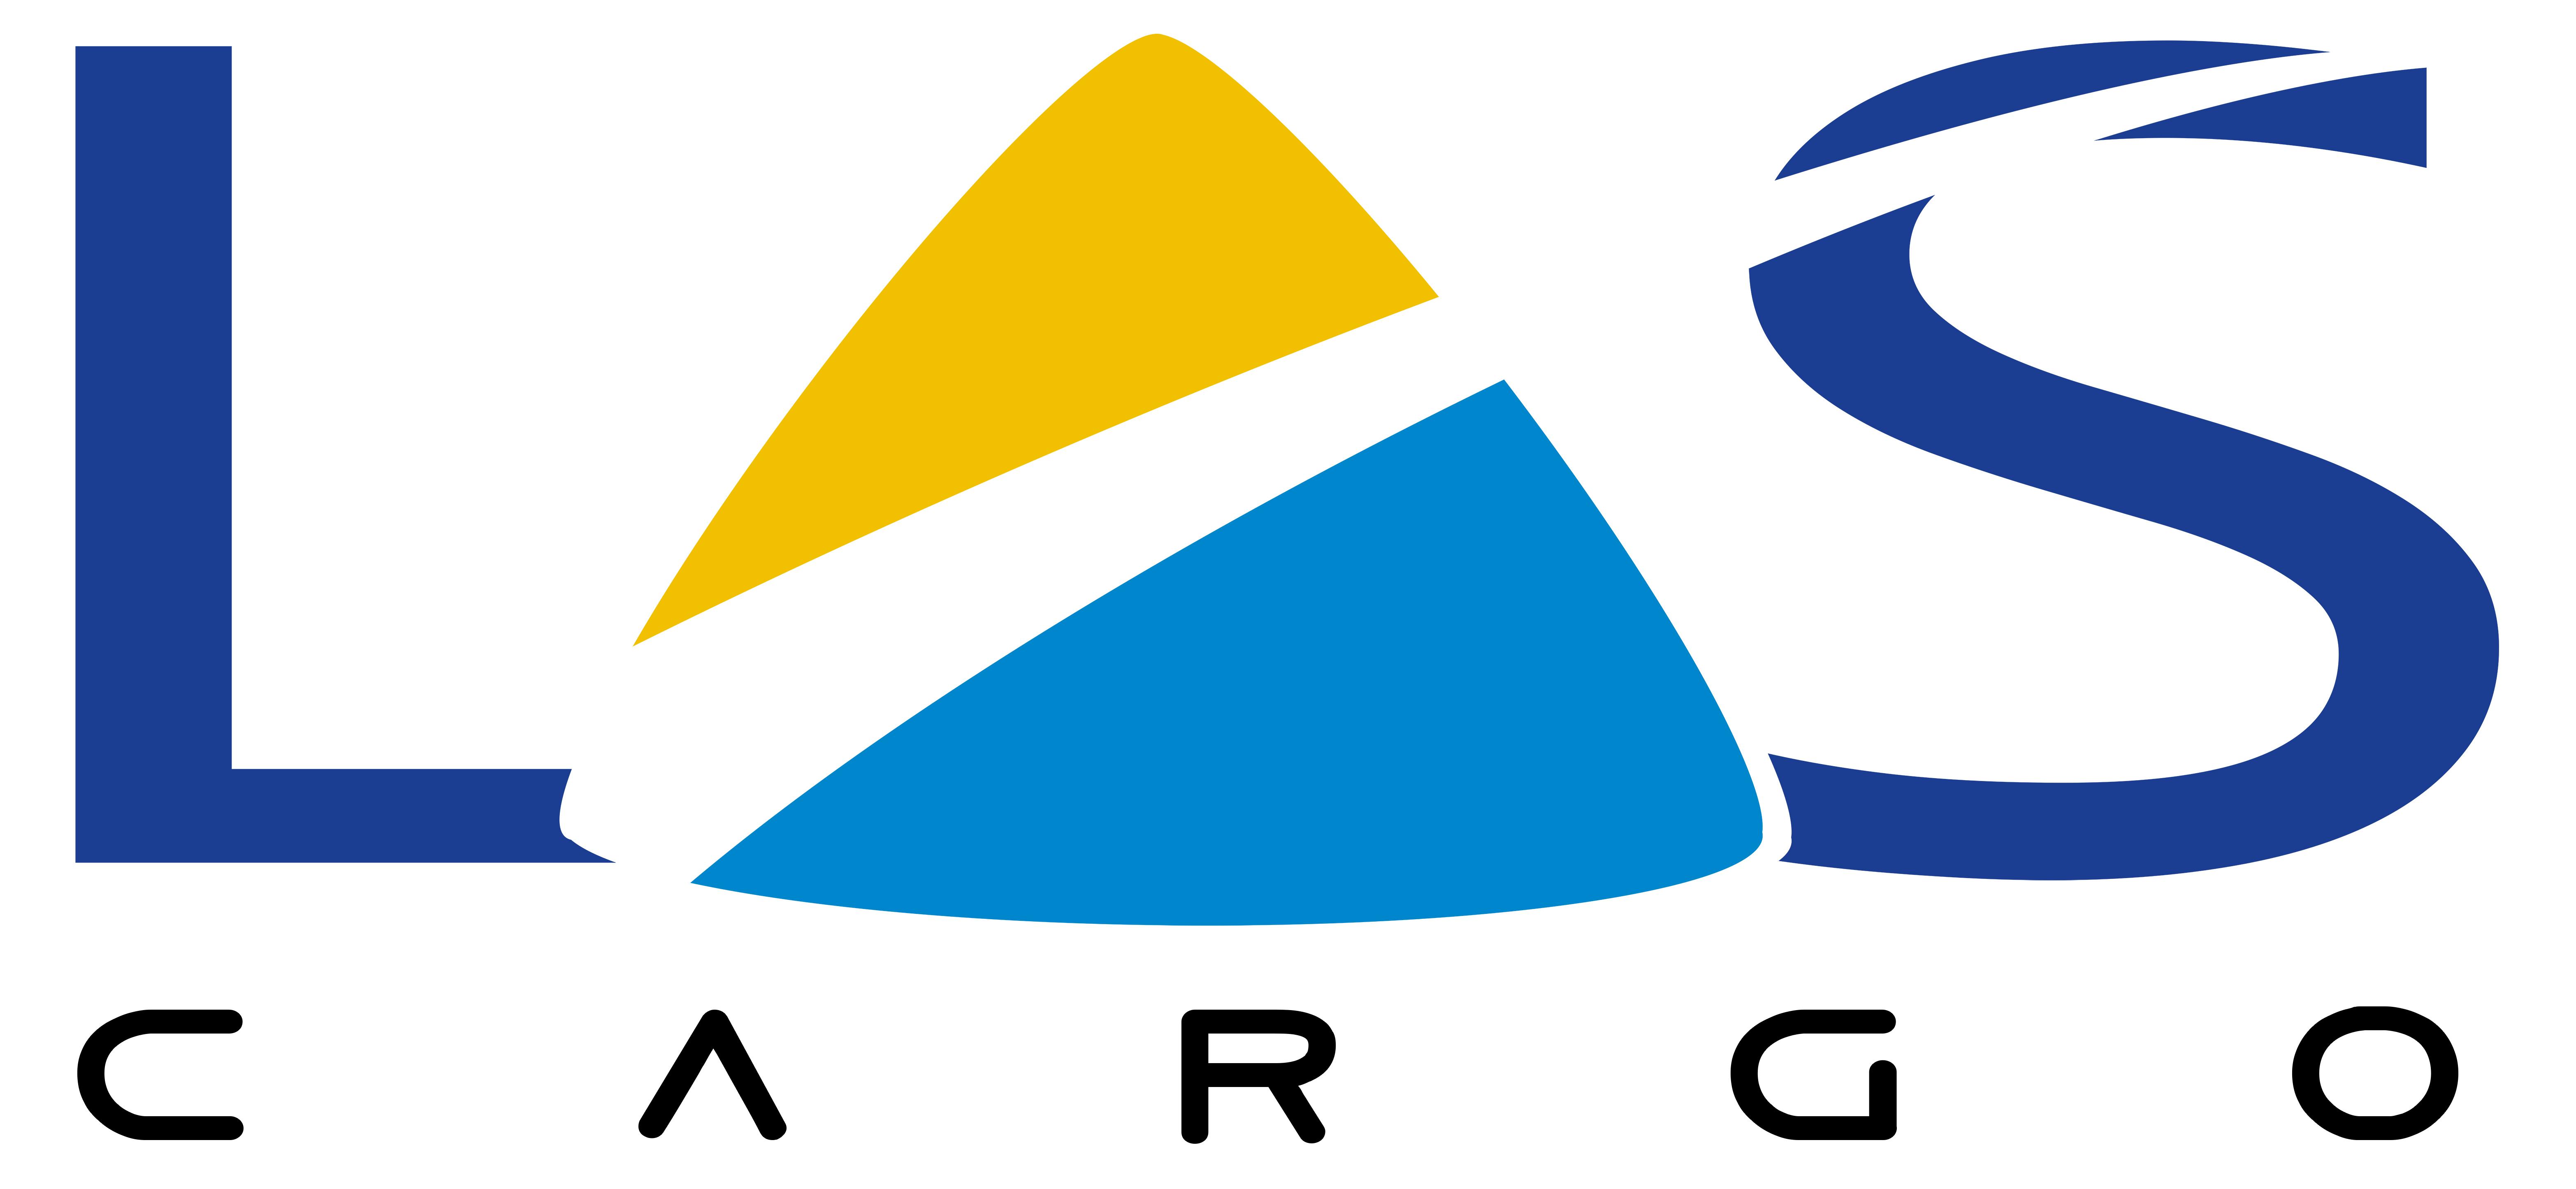 Airlines Smartkargo